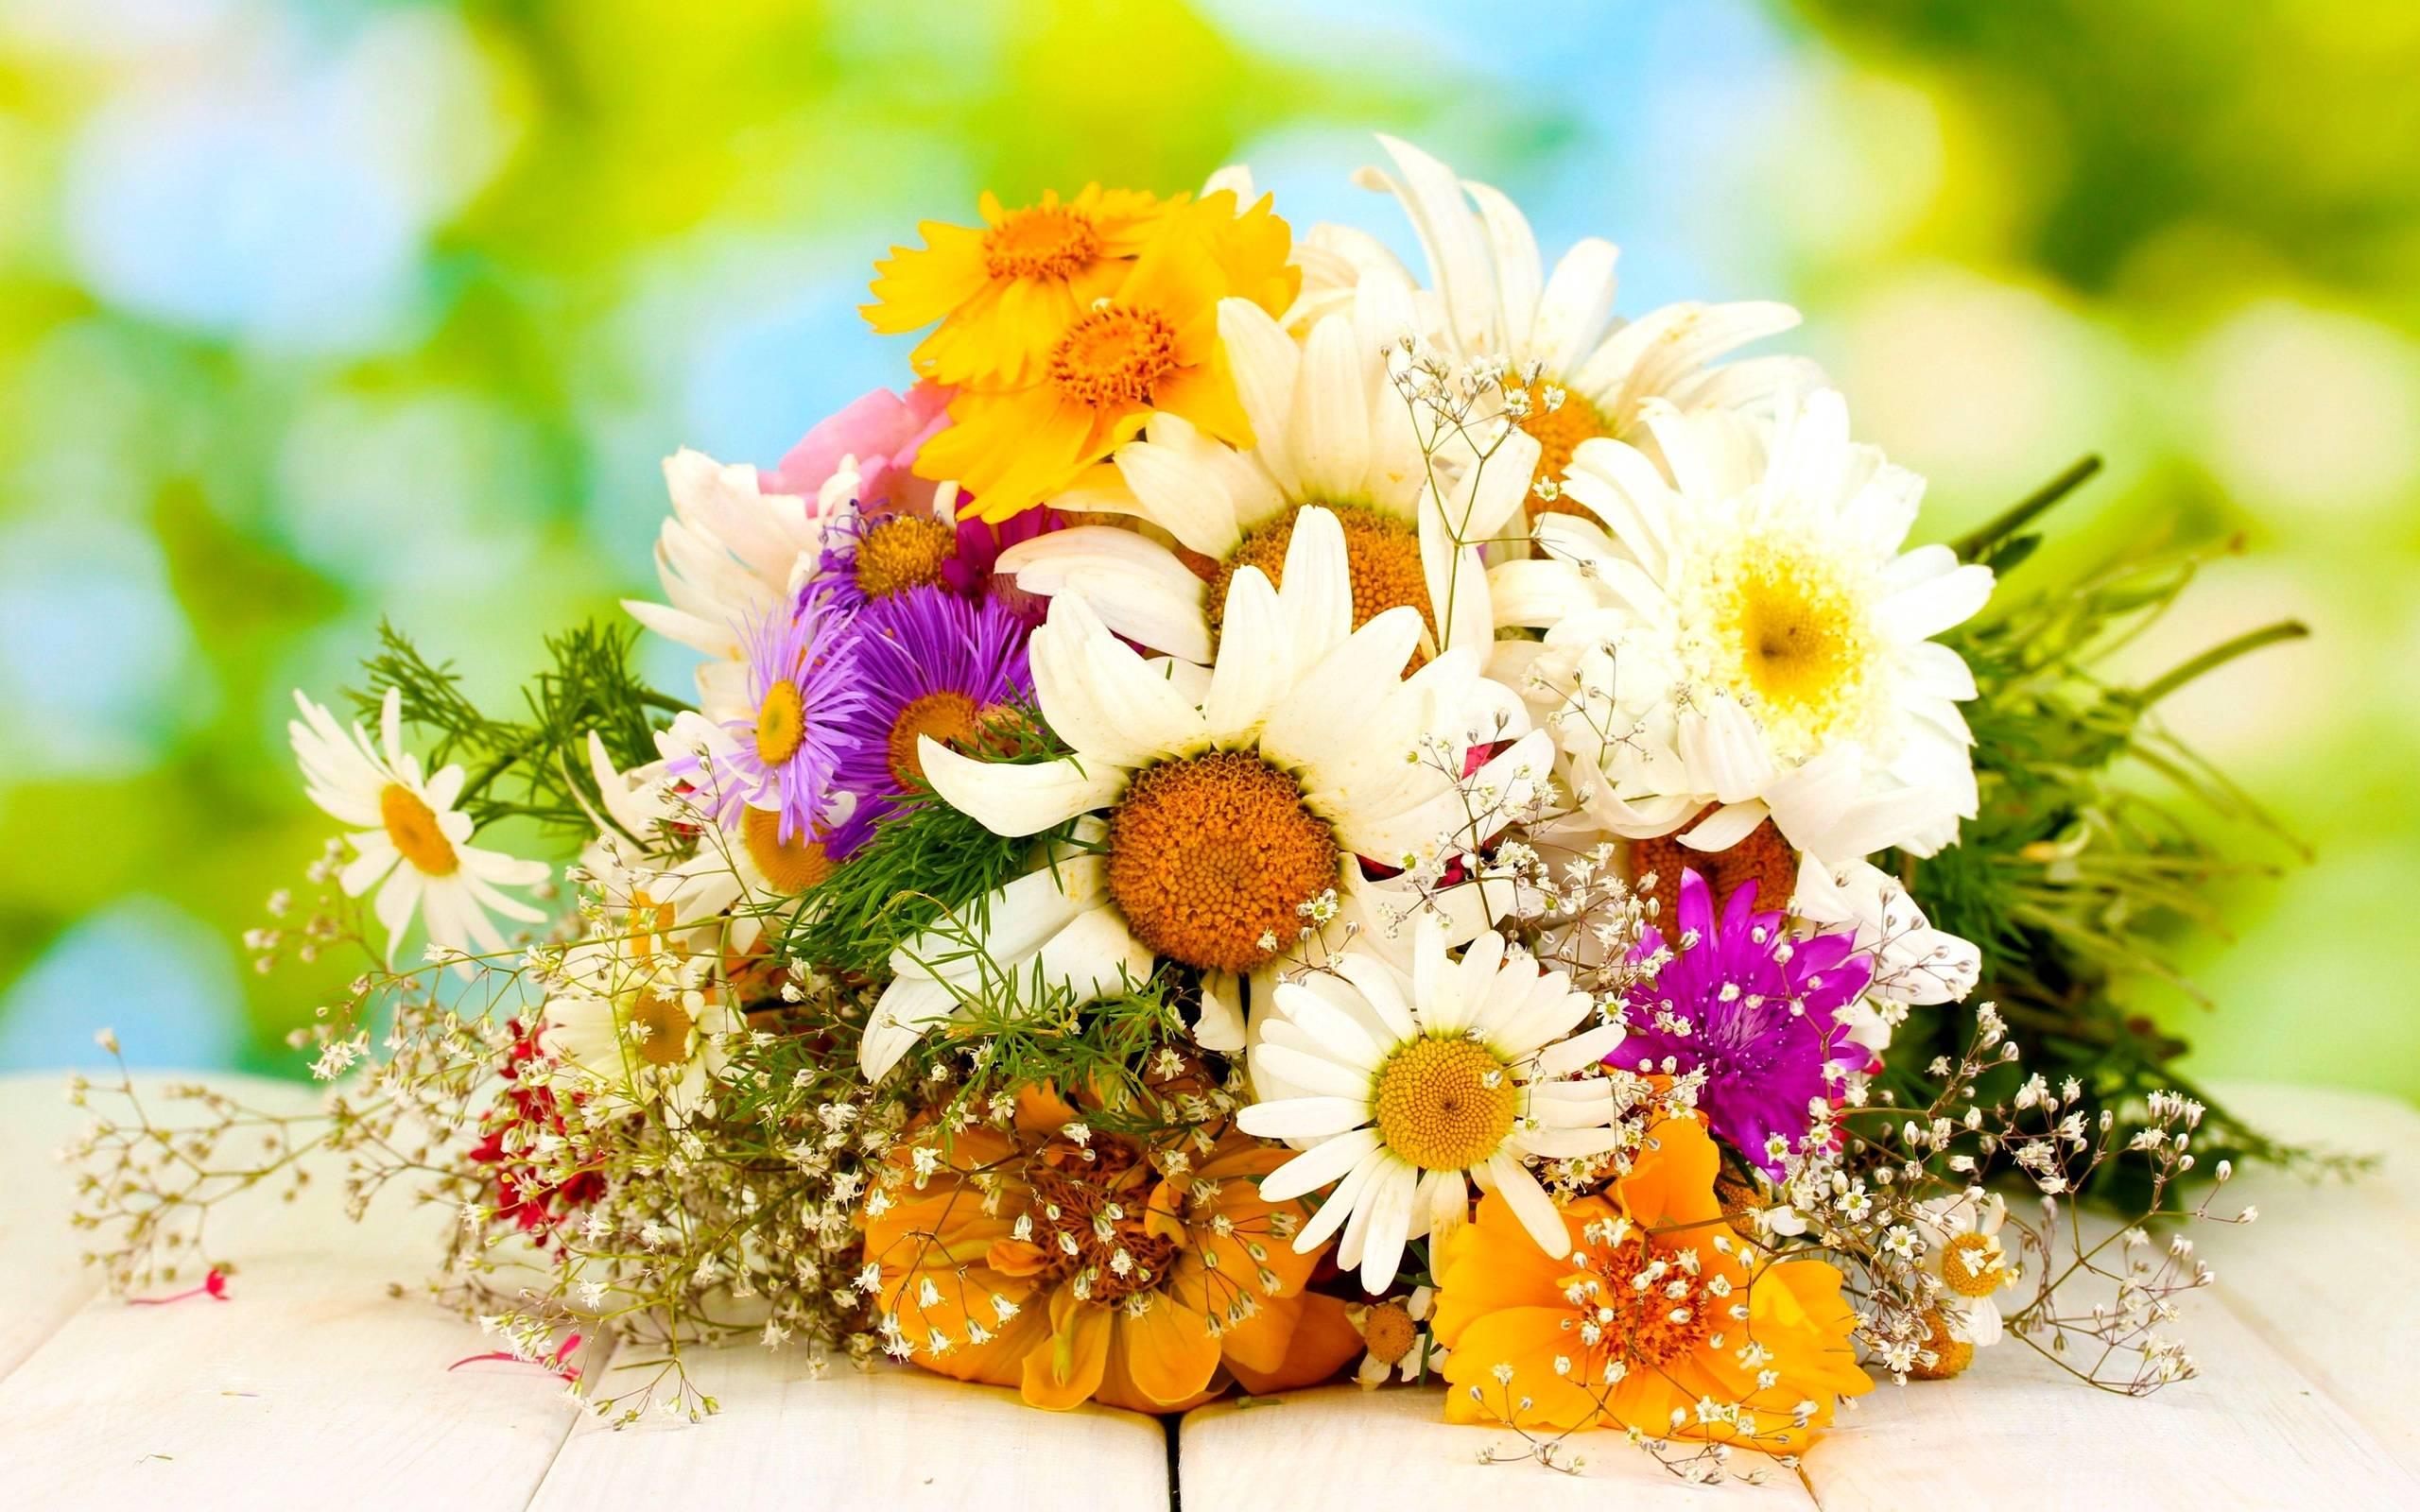 Flower Bouquet Wallpapers Top Free Flower Bouquet Backgrounds Wallpaperaccess